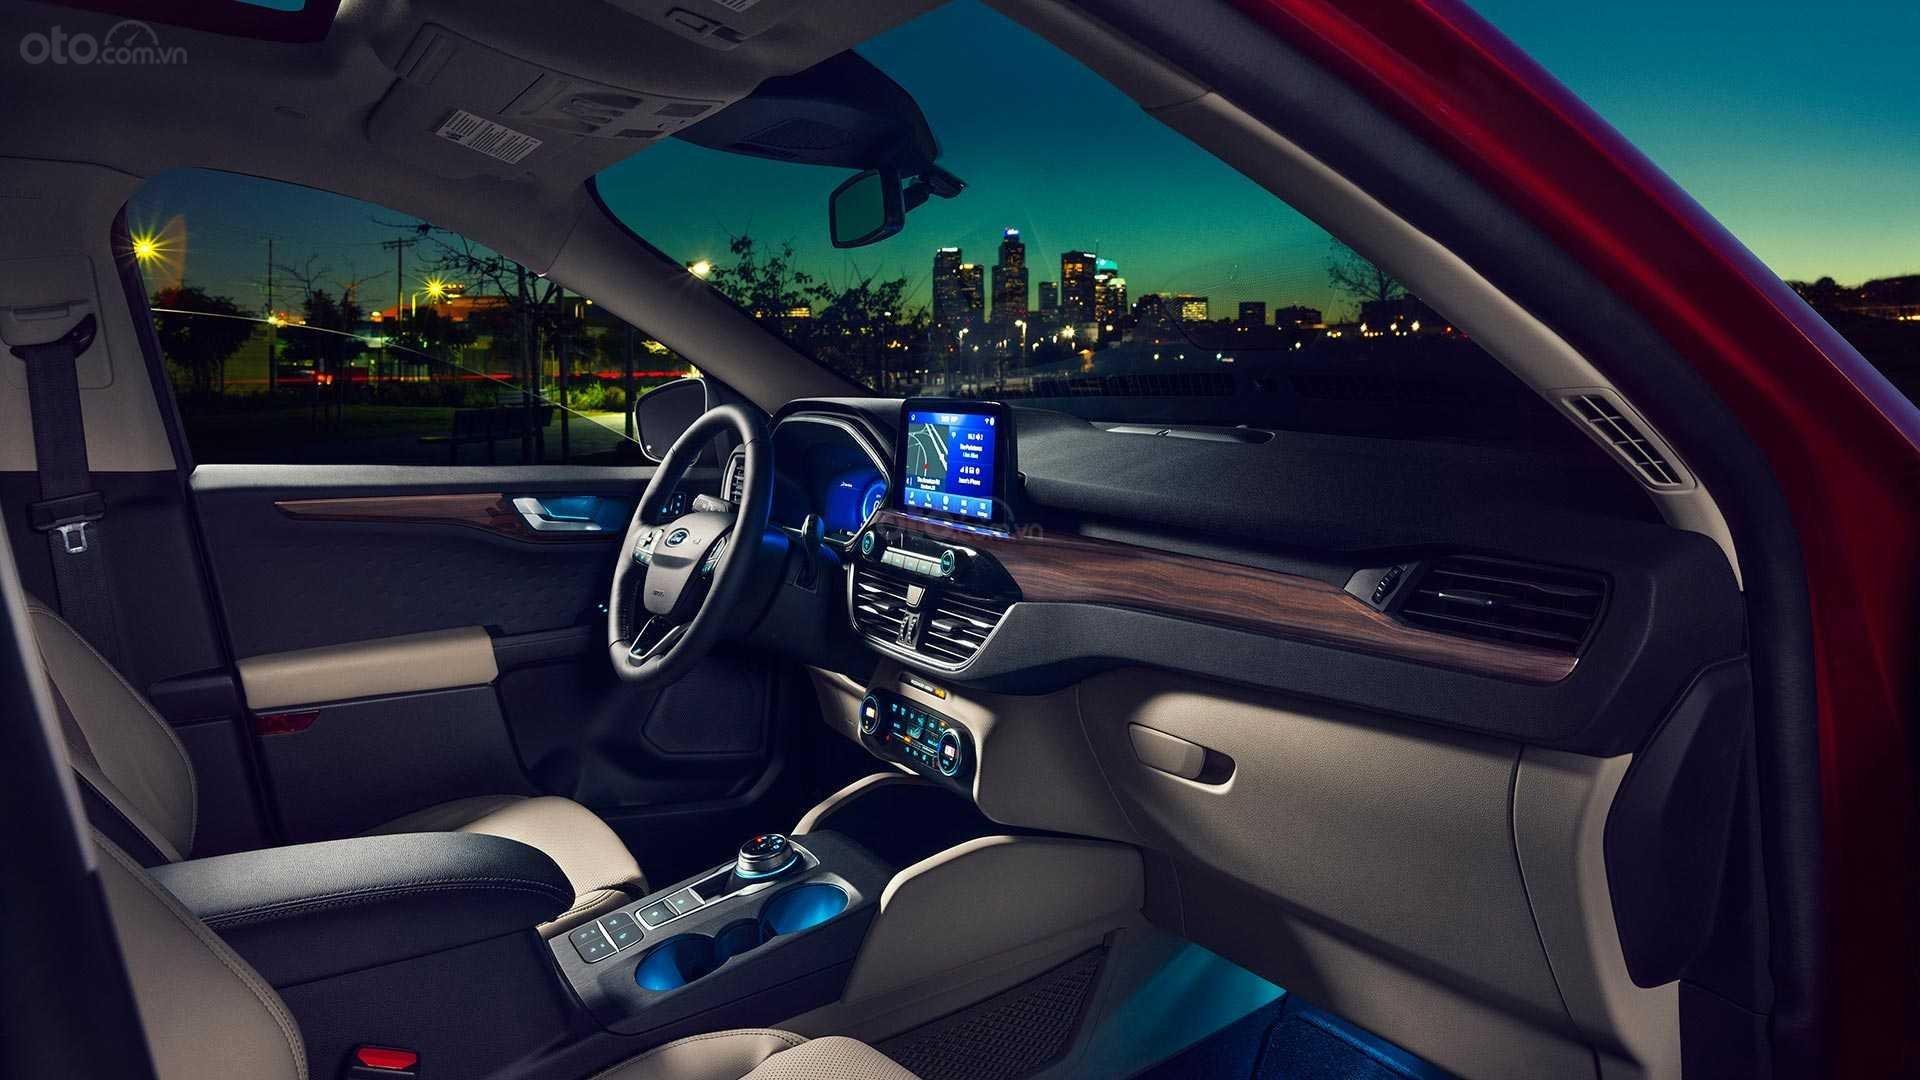 Nội thất Ford Escape 2020 2